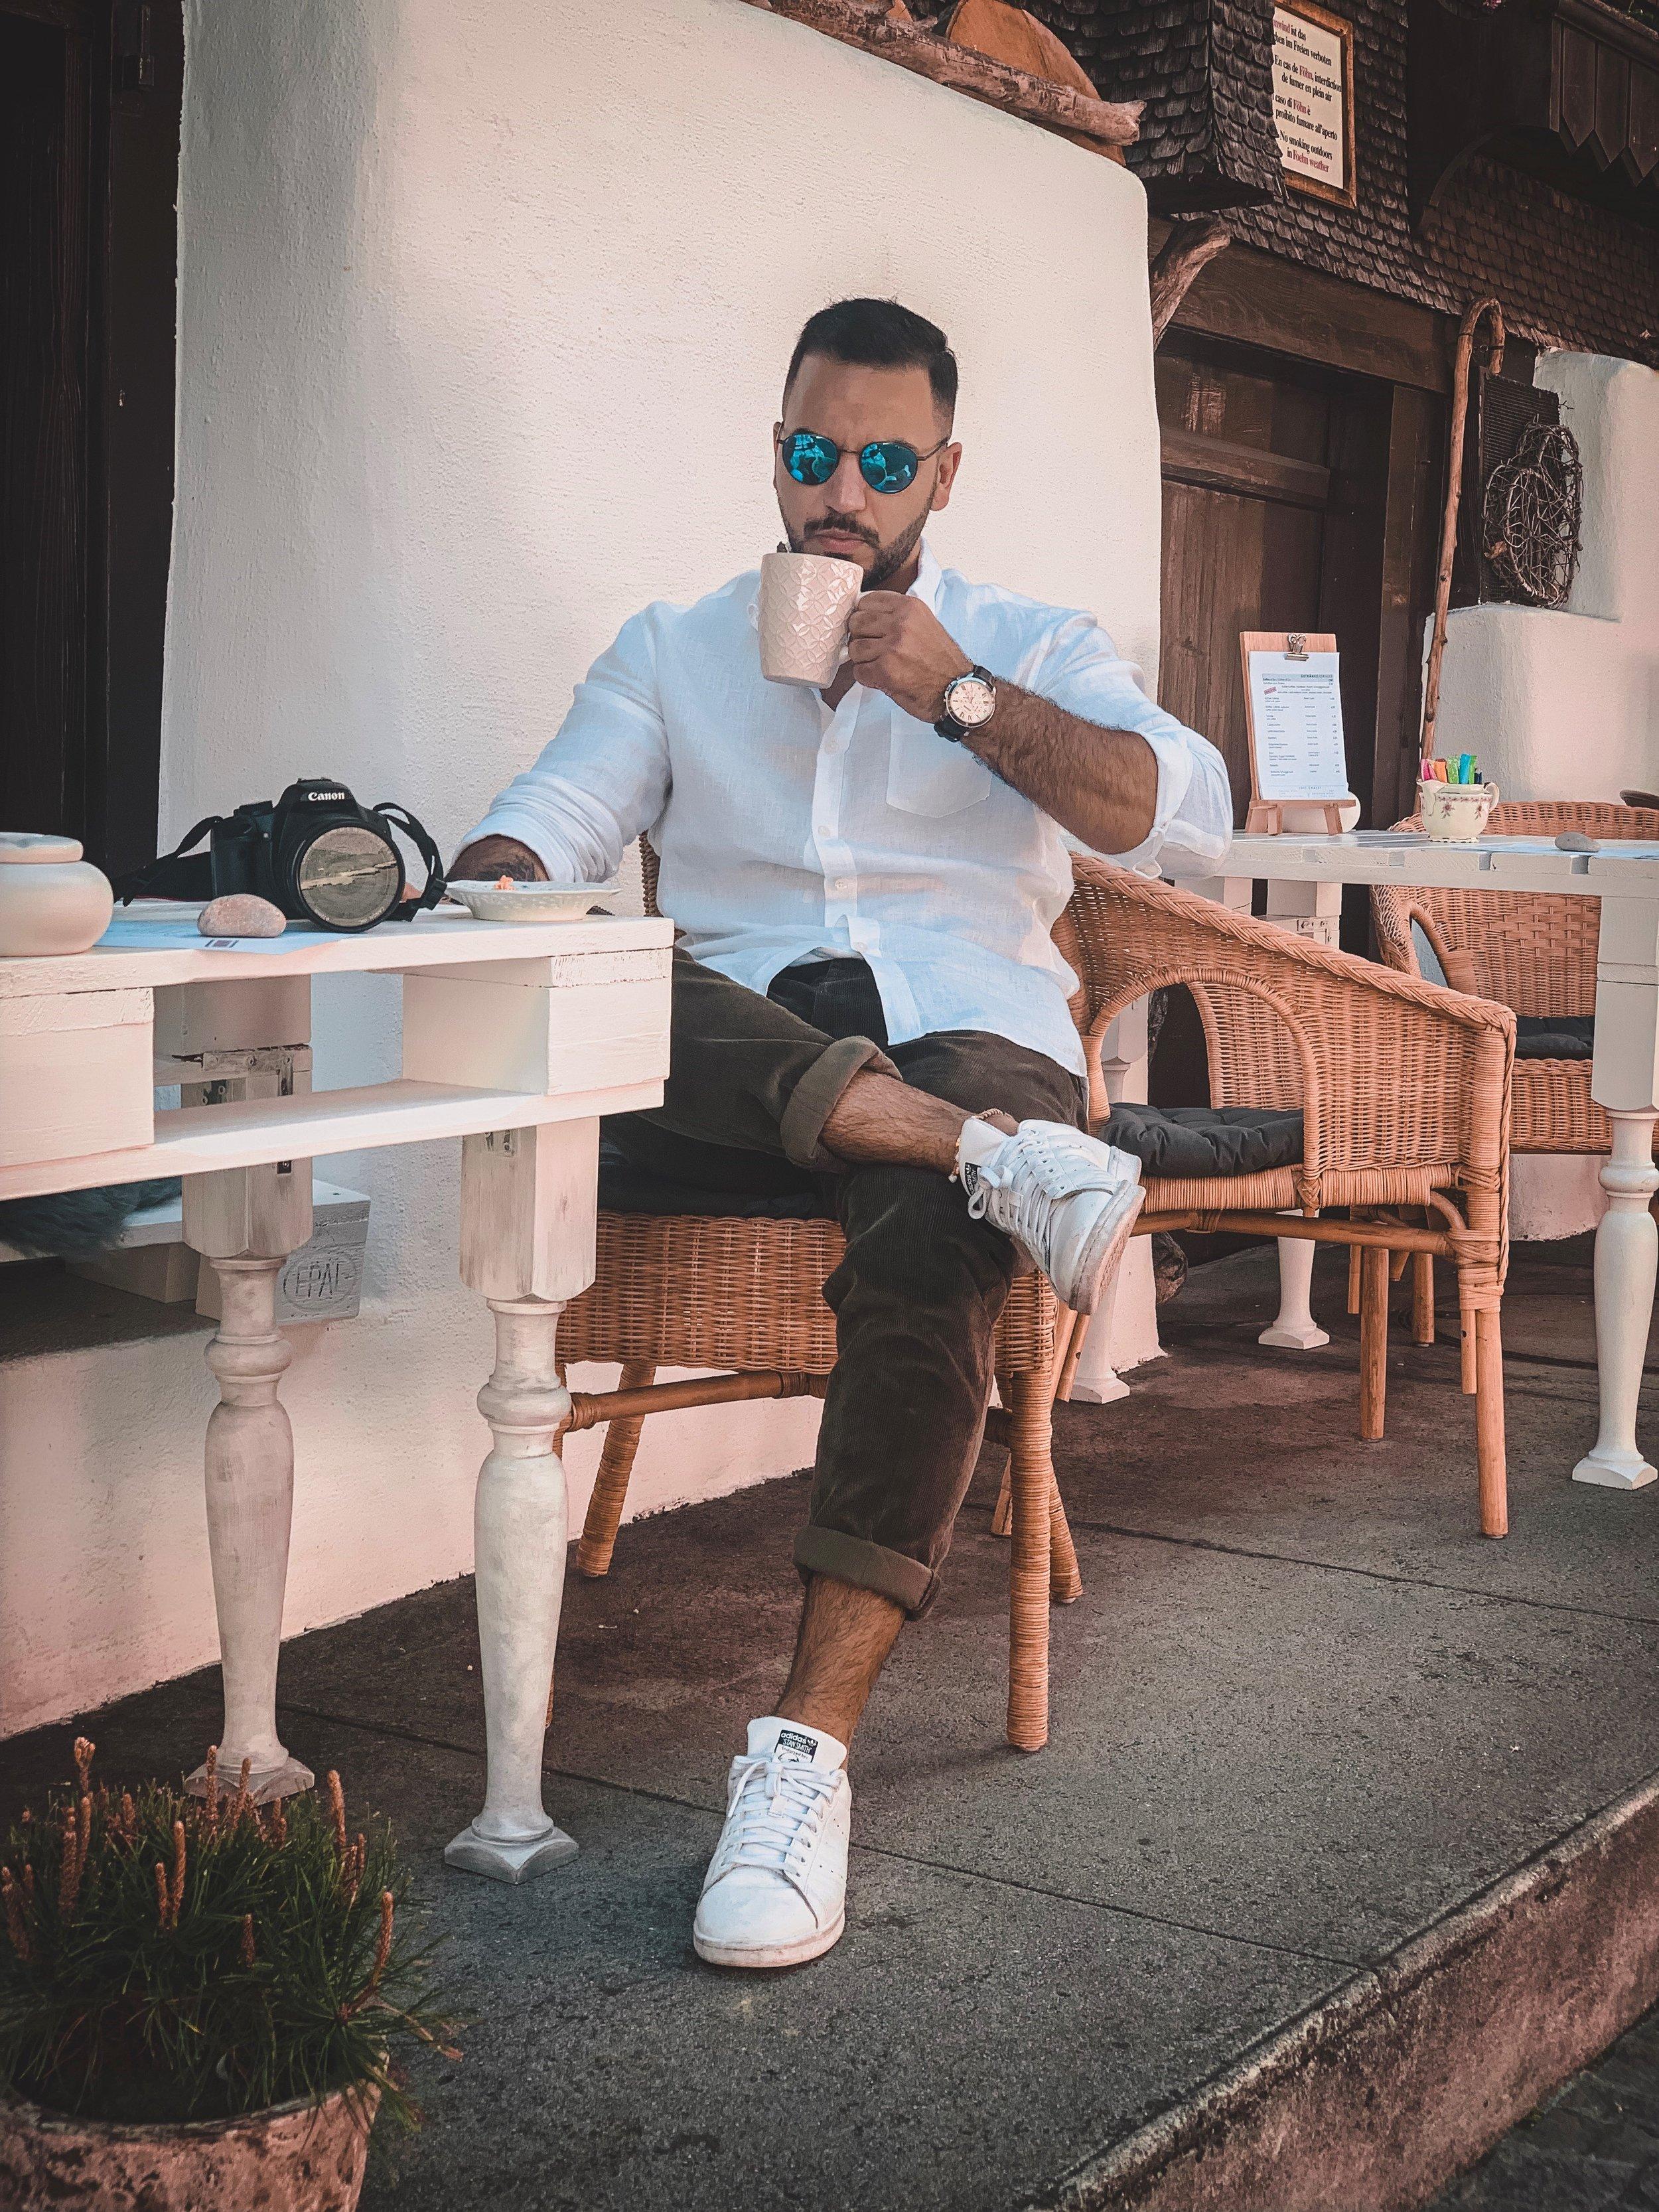 Senol Tastan - 28 Years Old